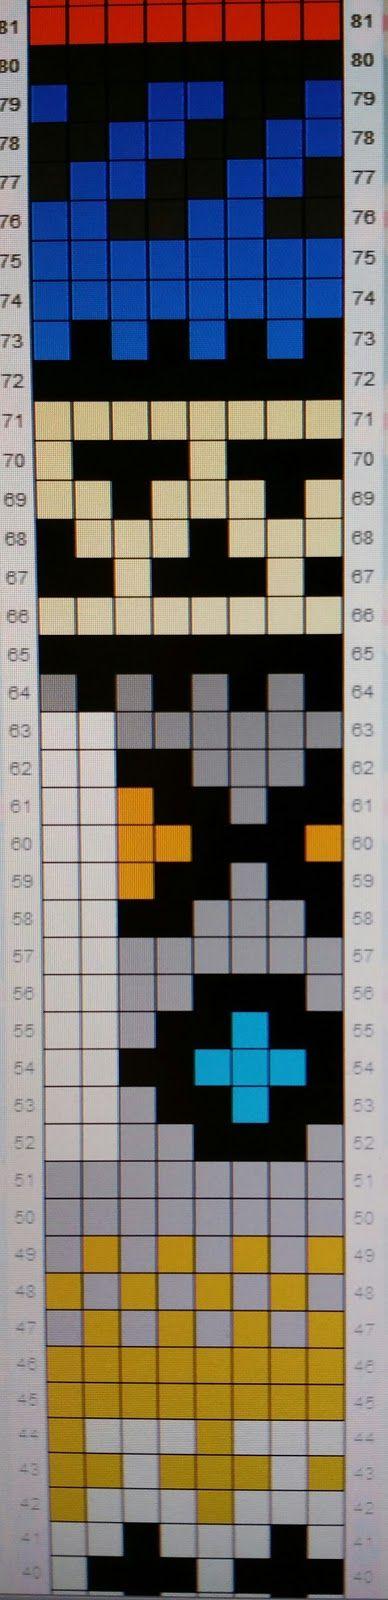 kyysukat2.jpg (388×1600)